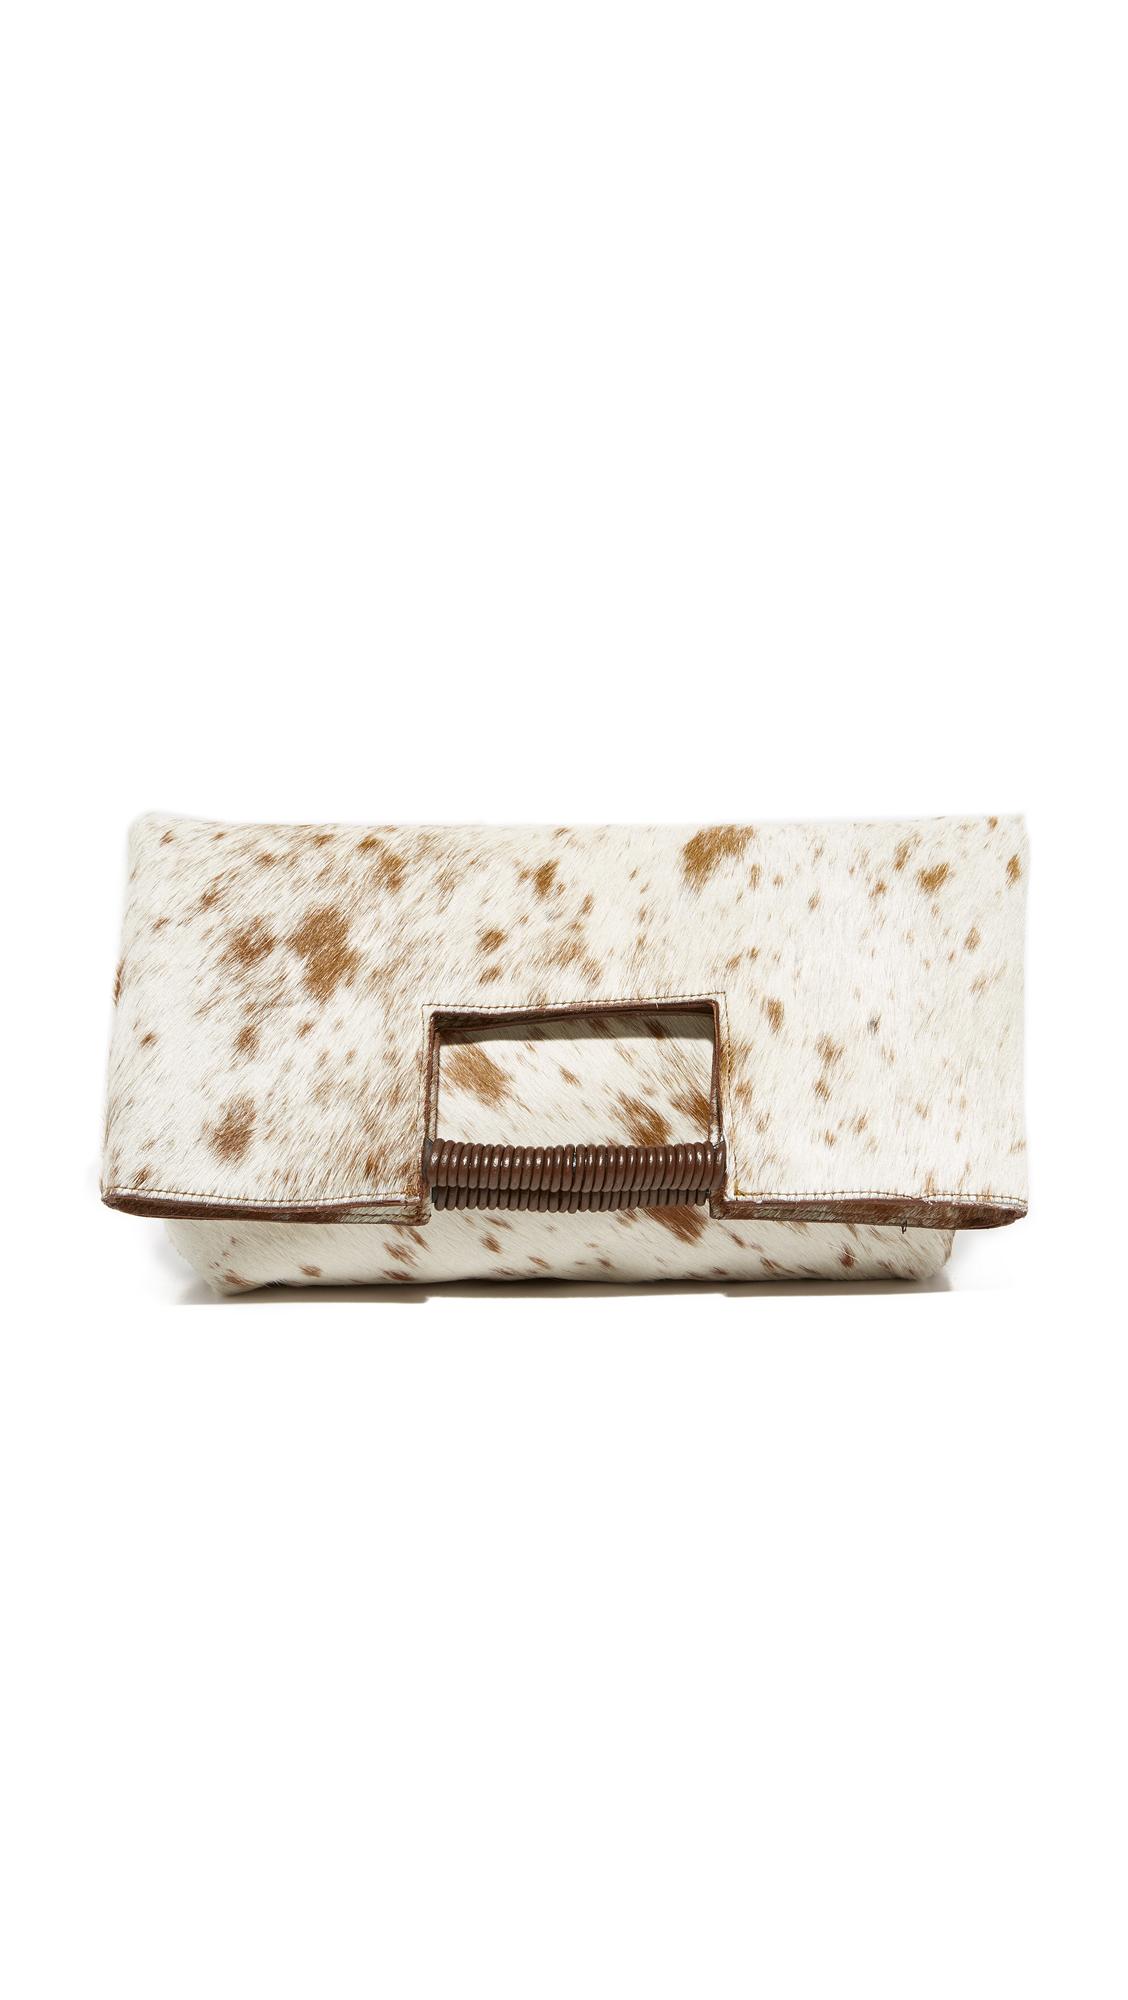 Oliveve Reid Wrapped Handle Bag - Brown Natural